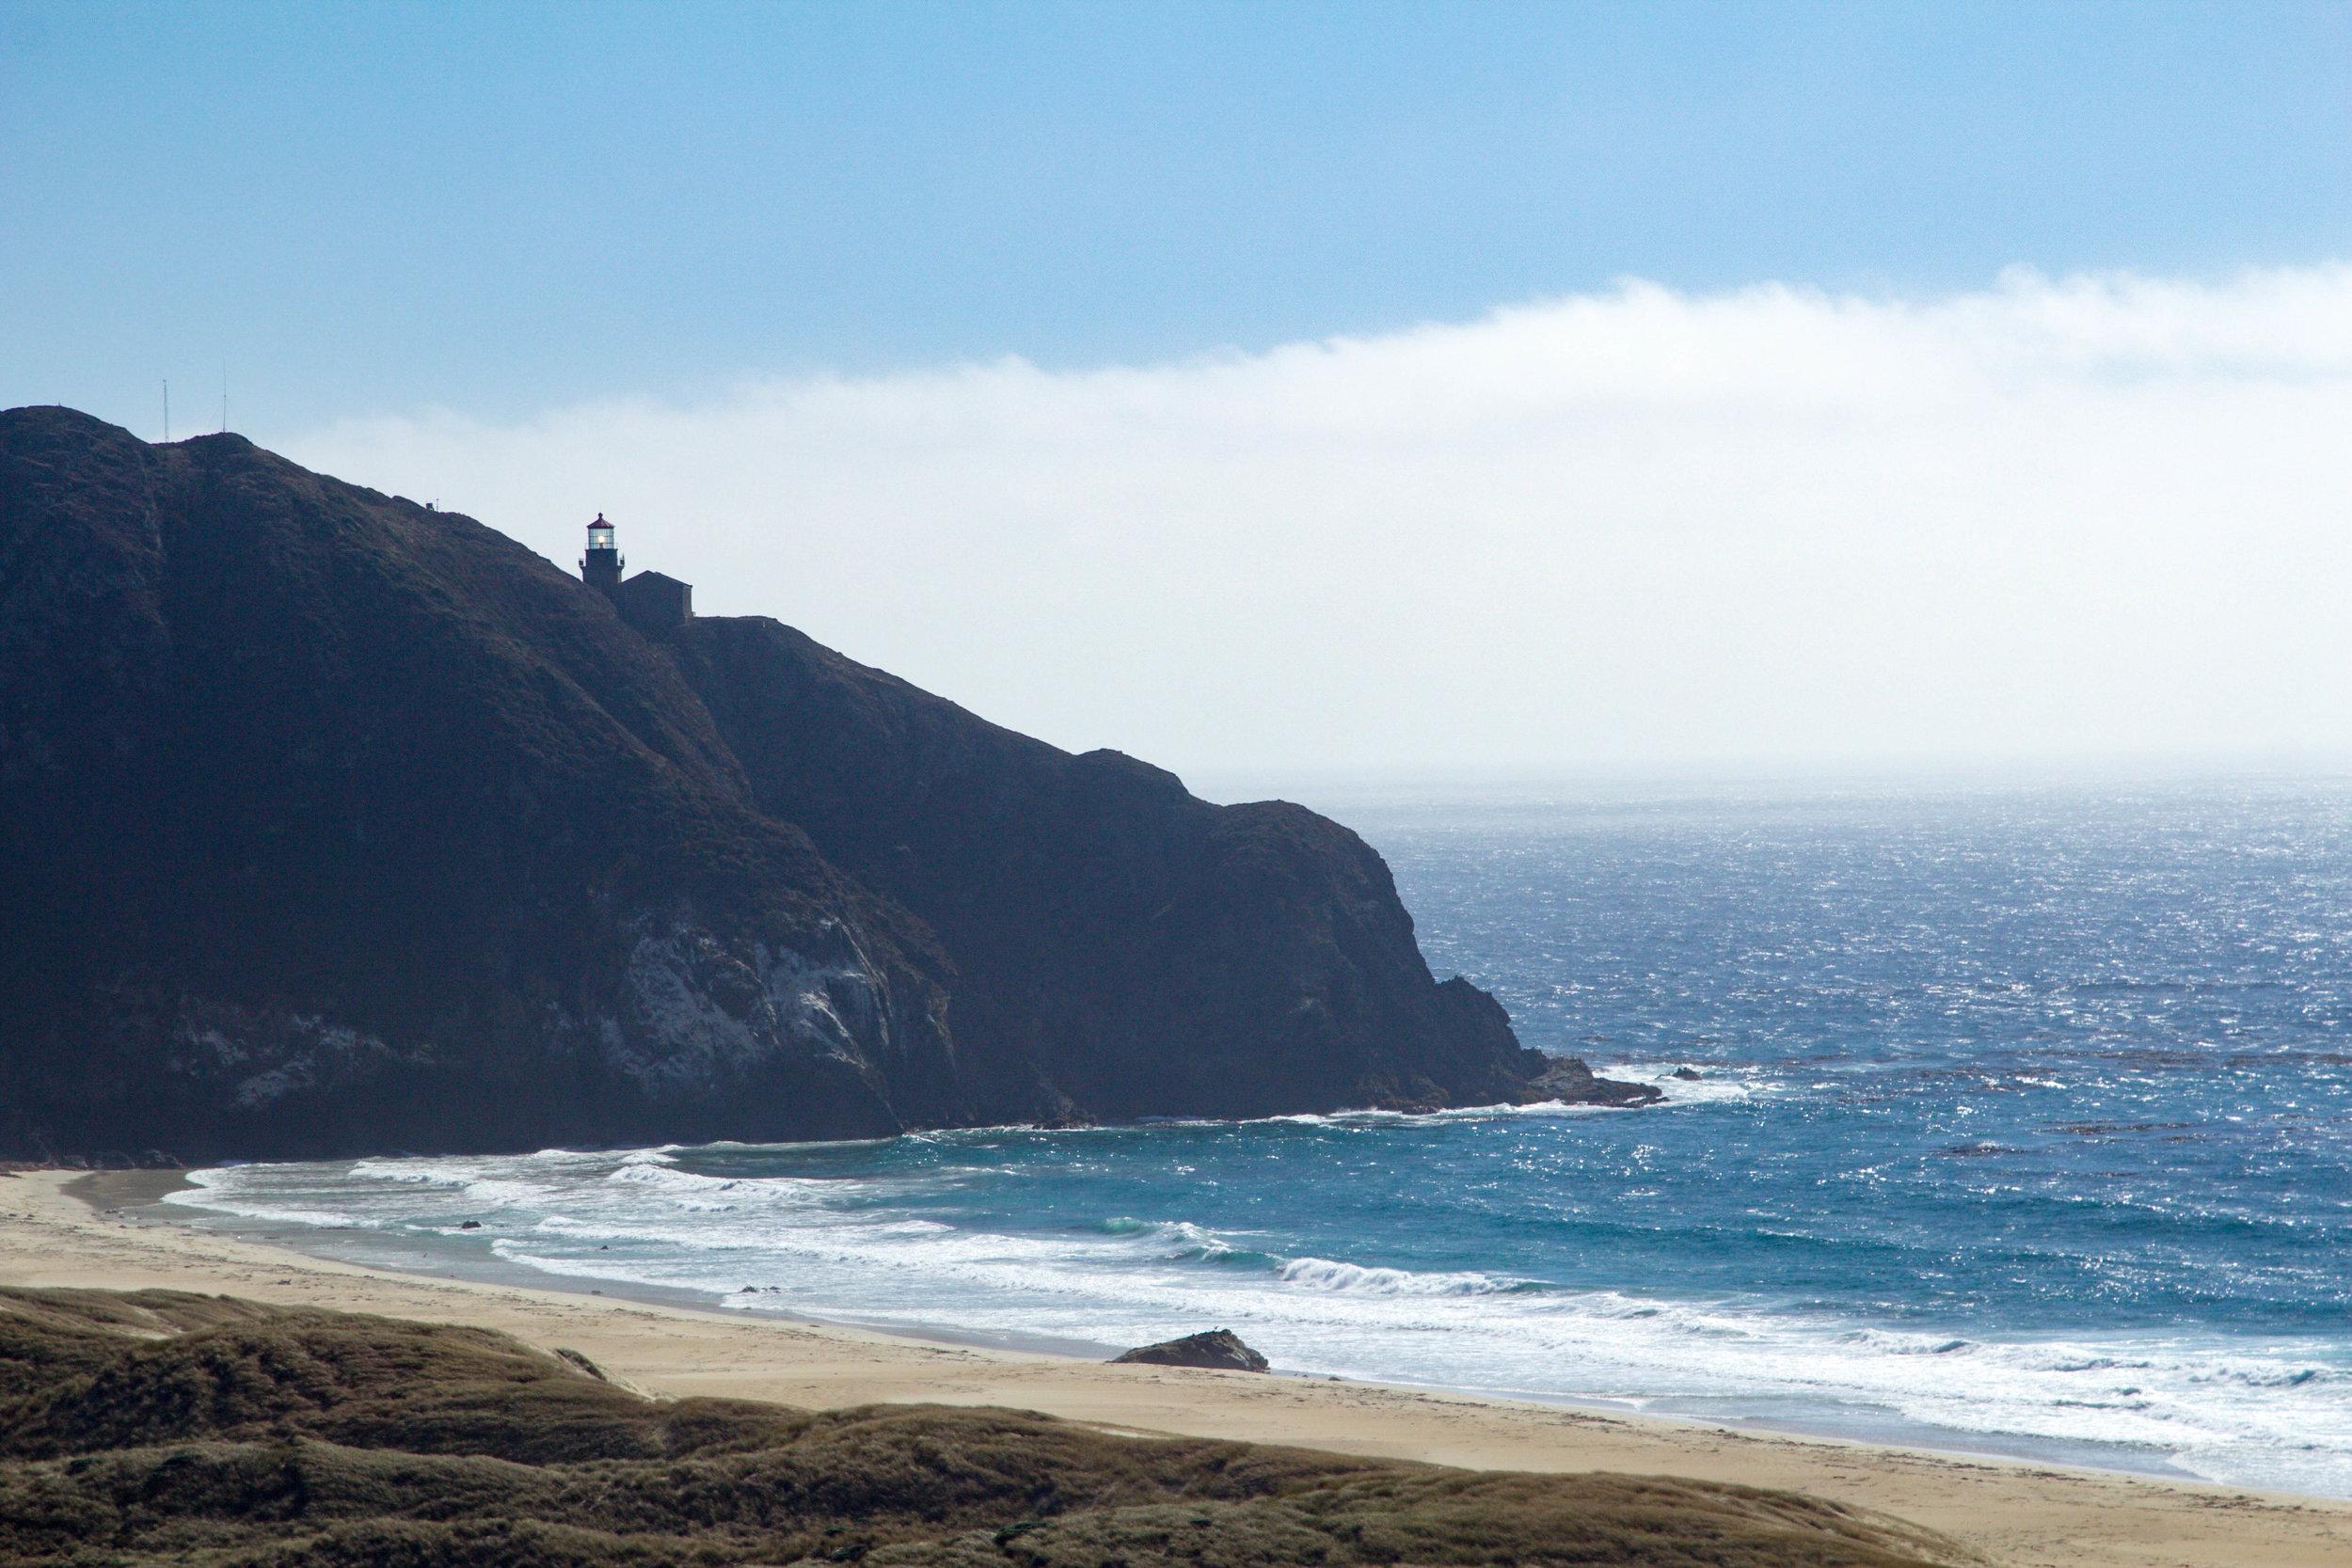 Point Sur Lighthouse in Big Sur